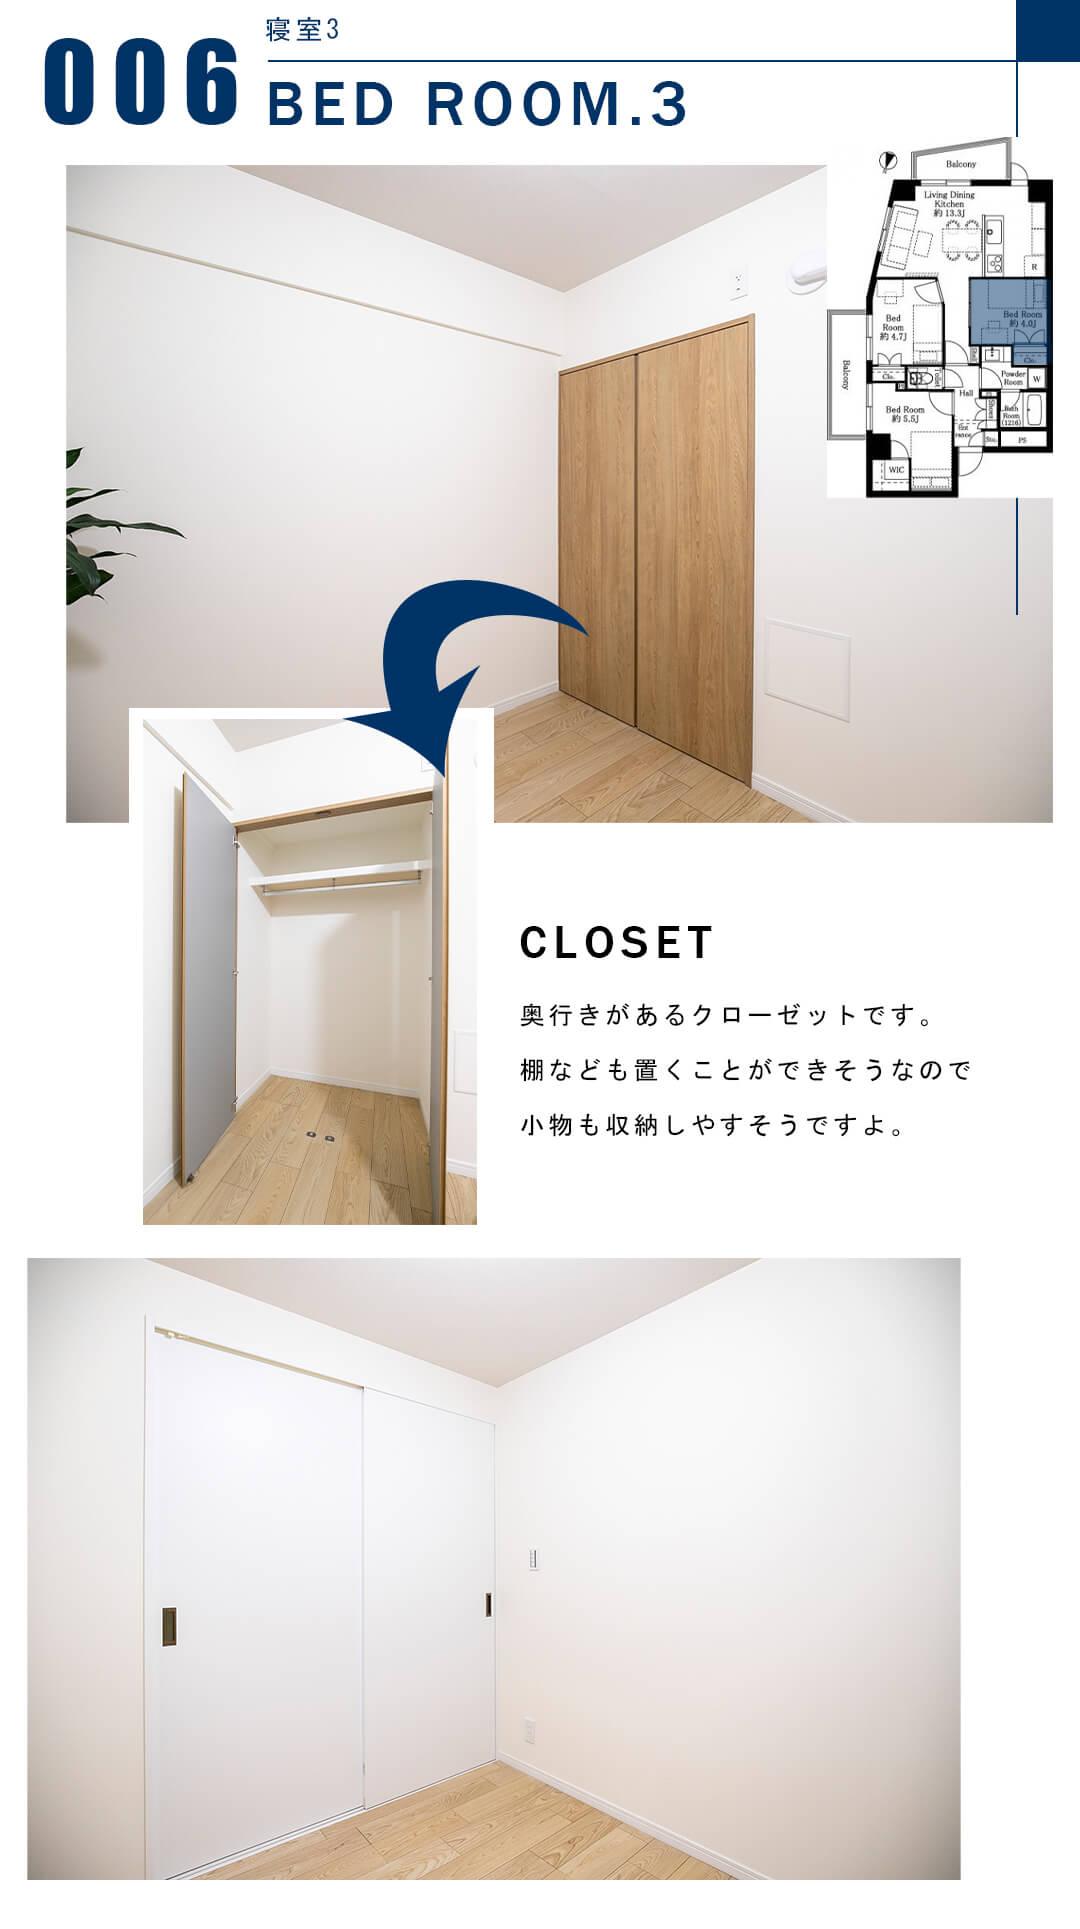 006寝室3,BED ROOM.3